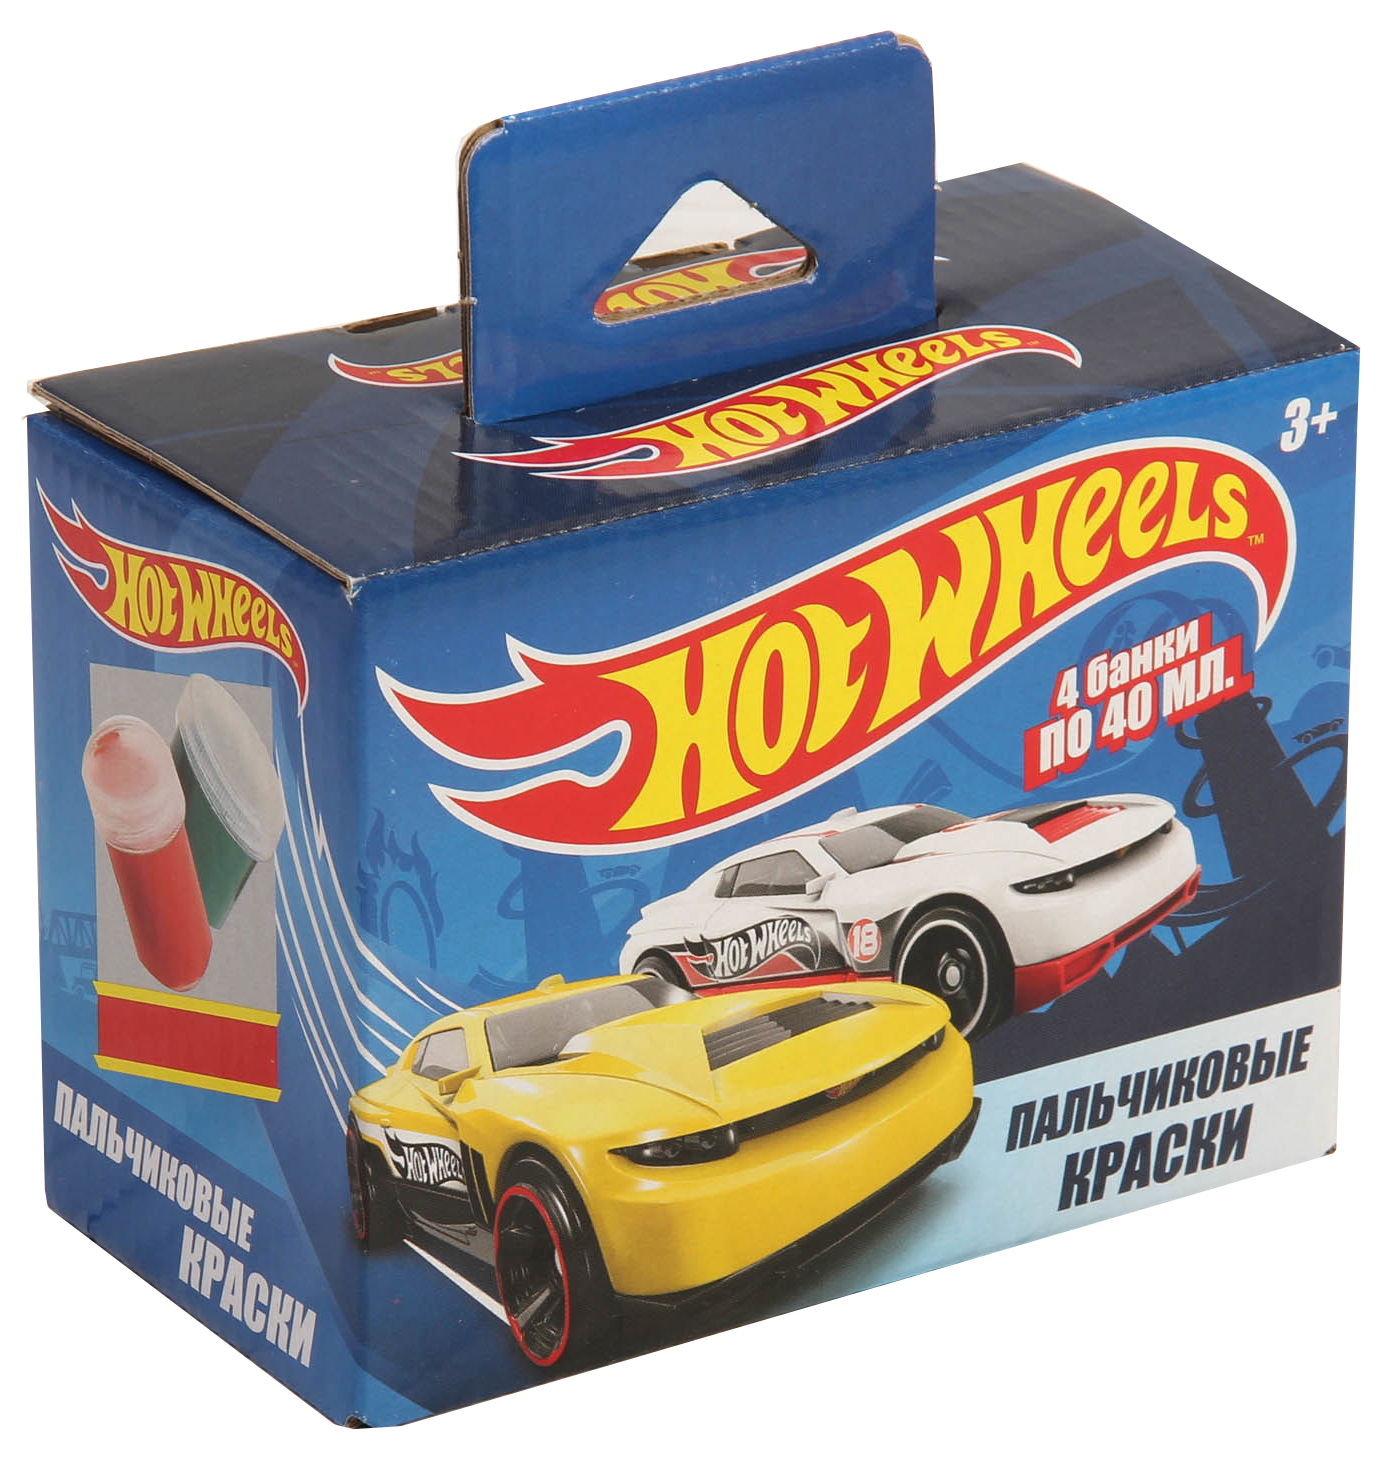 Hot Wheels Centrum Краски пальчиковые Hot Wheels 4 цв. hot 44131